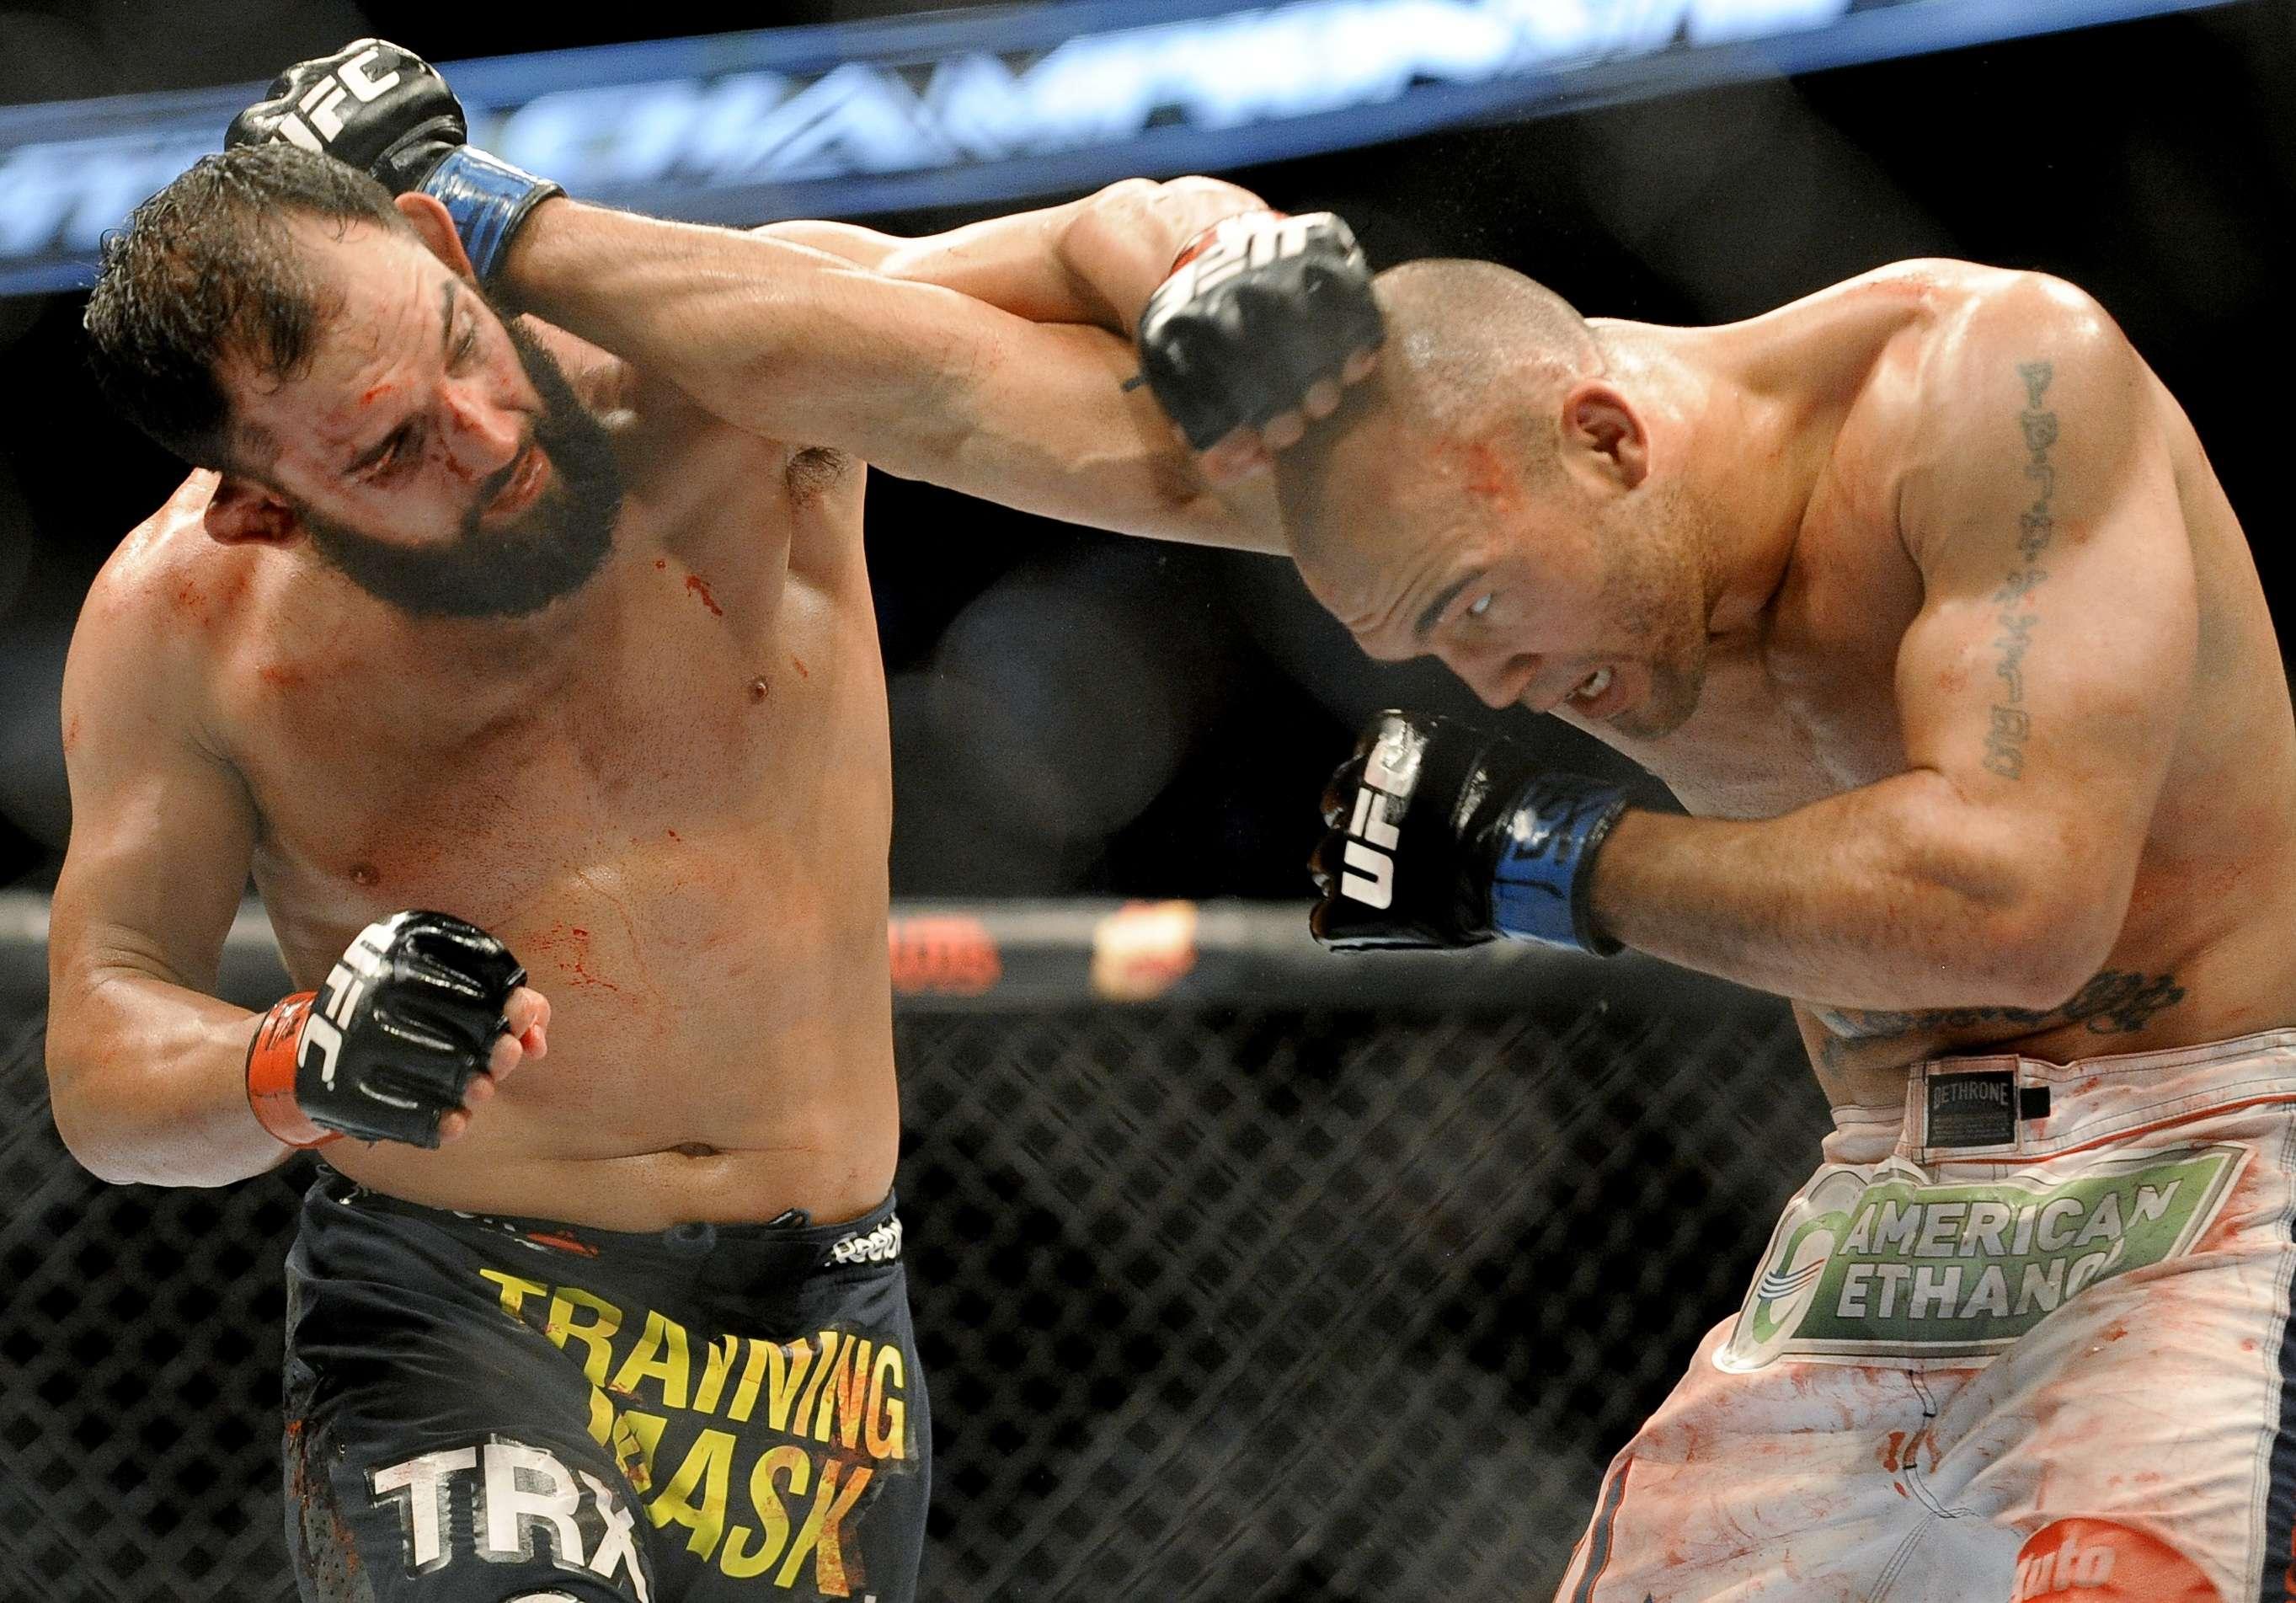 La primera pelea entre Hendricks y Lawler fue muy peleada. Foto: AP